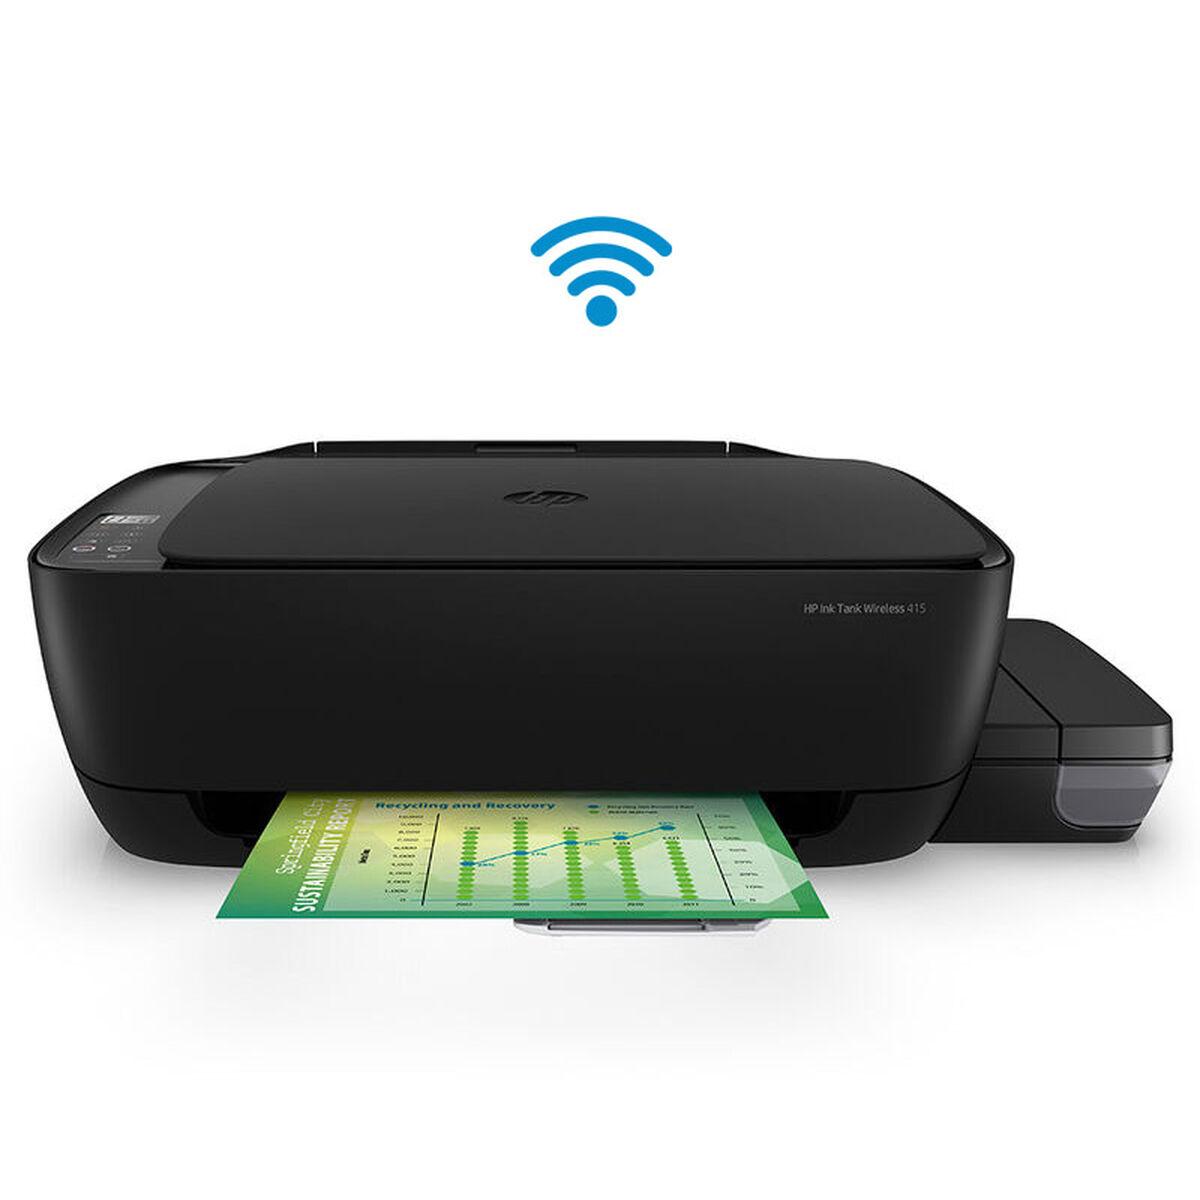 Multifuncional HP Tinta Continua Ink Tank 415 WiFi